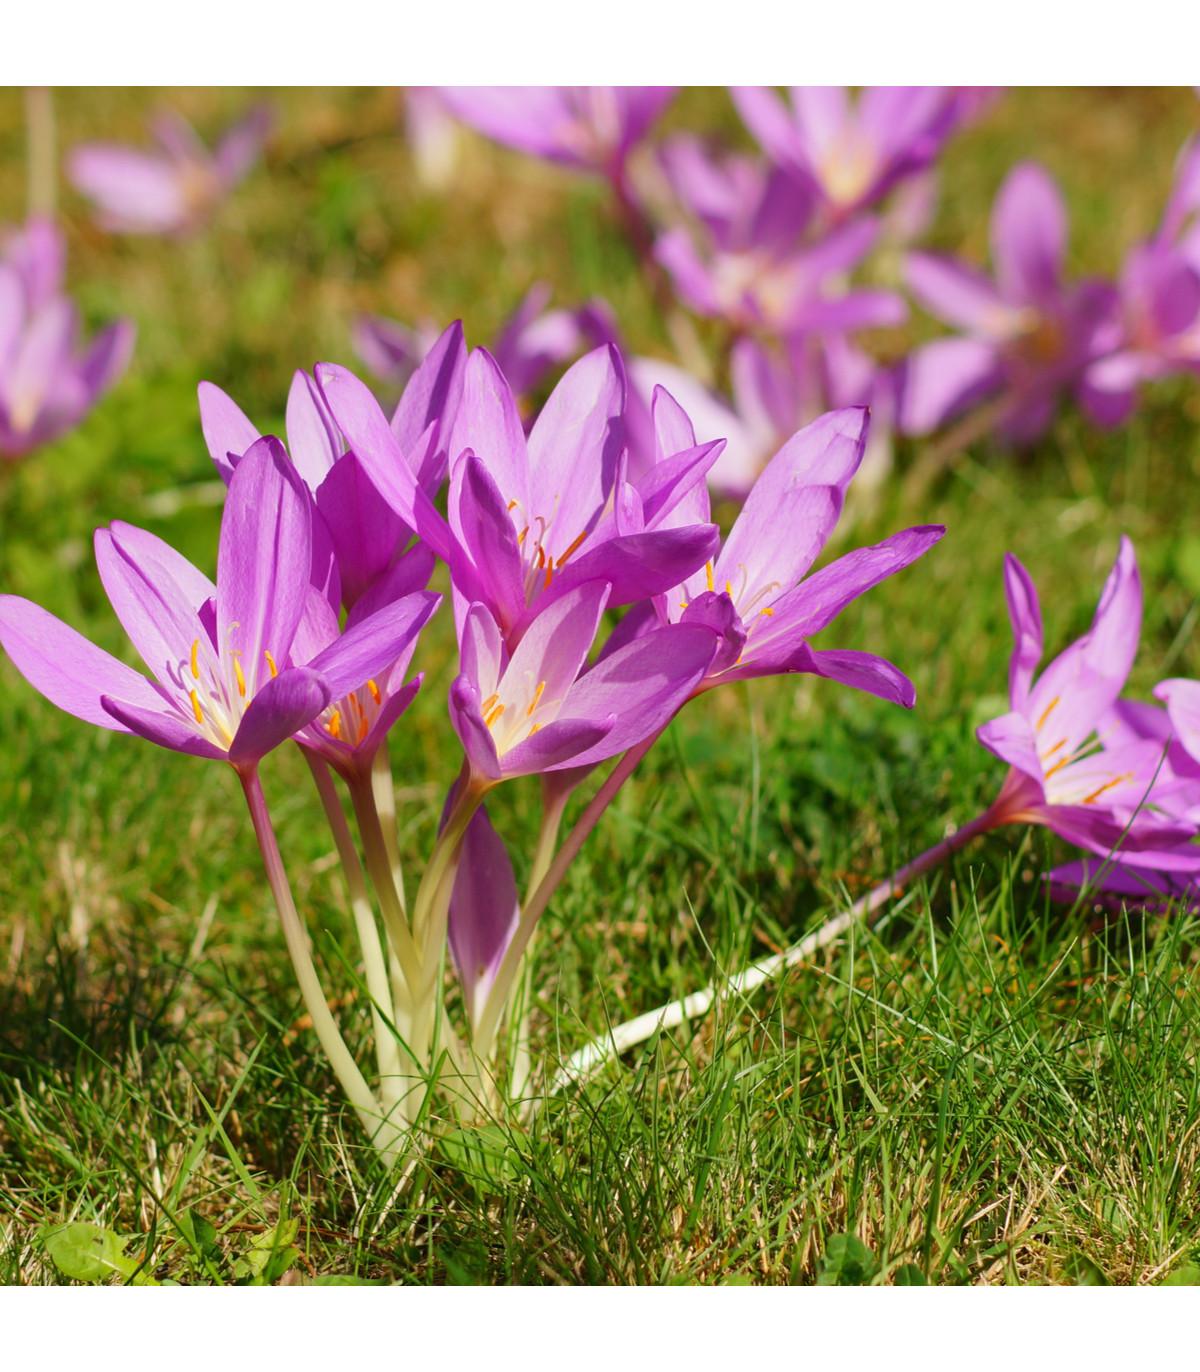 Ocún podzimní - Colchicum cilicicum - hlízy ocúnu - 1 ks